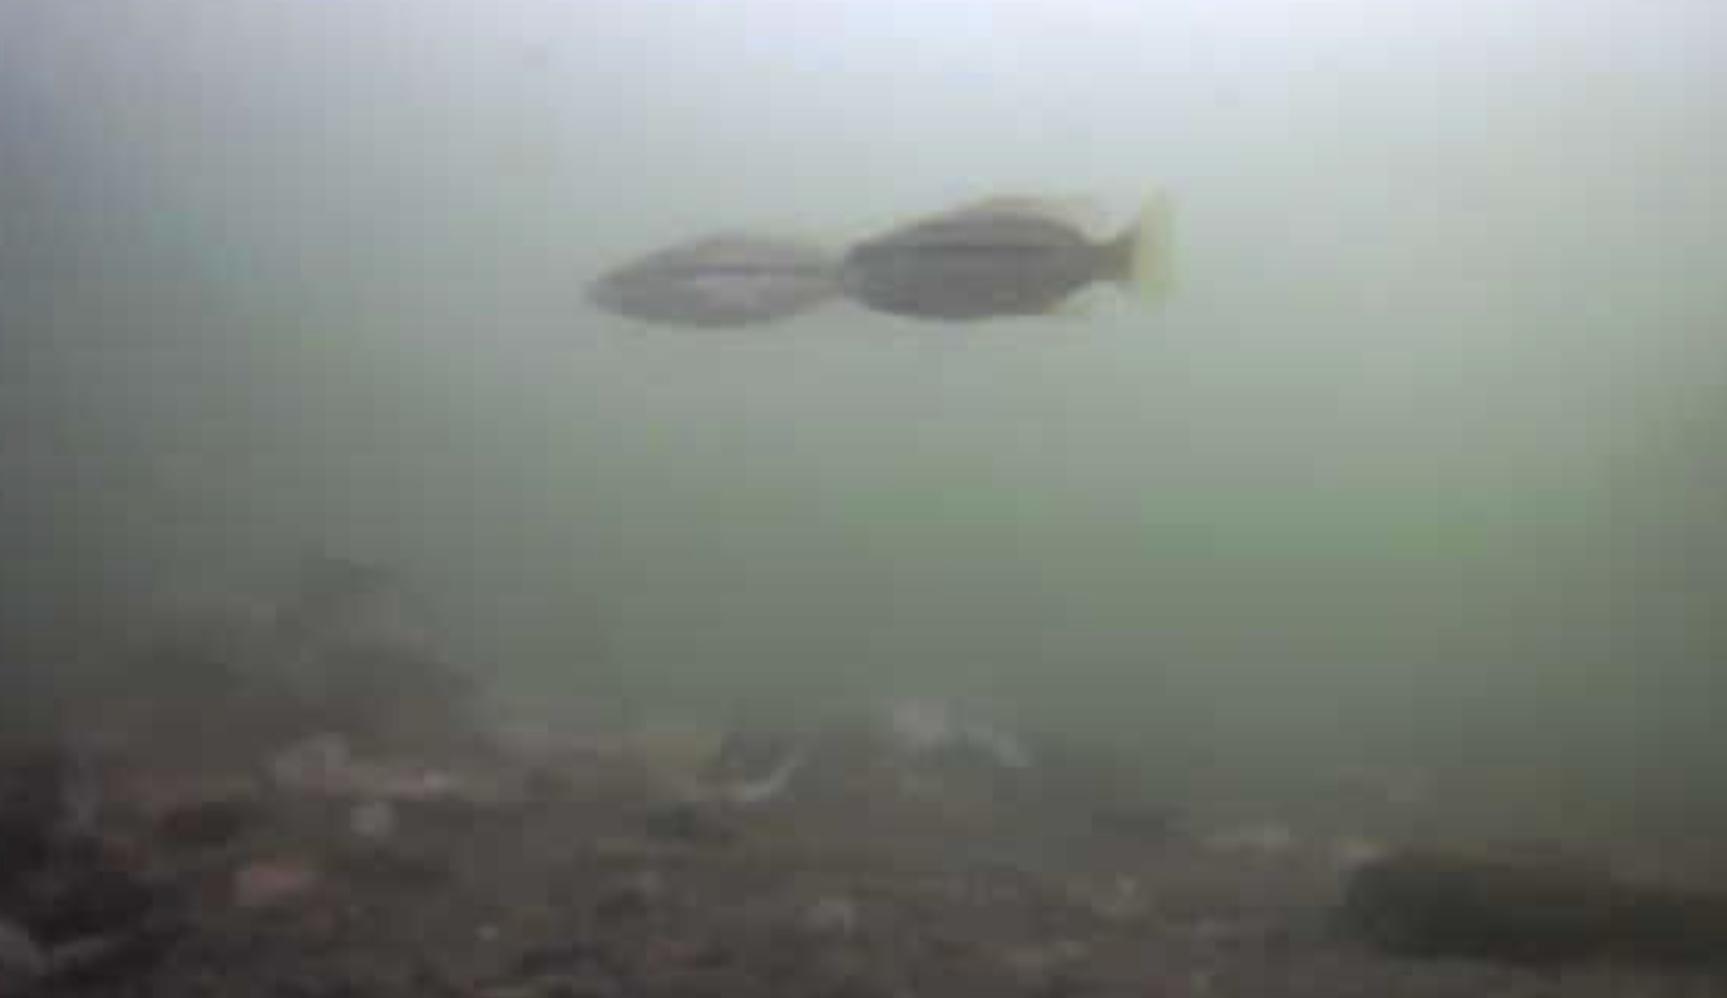 姪浜港マリナ大橋下 水中写真06